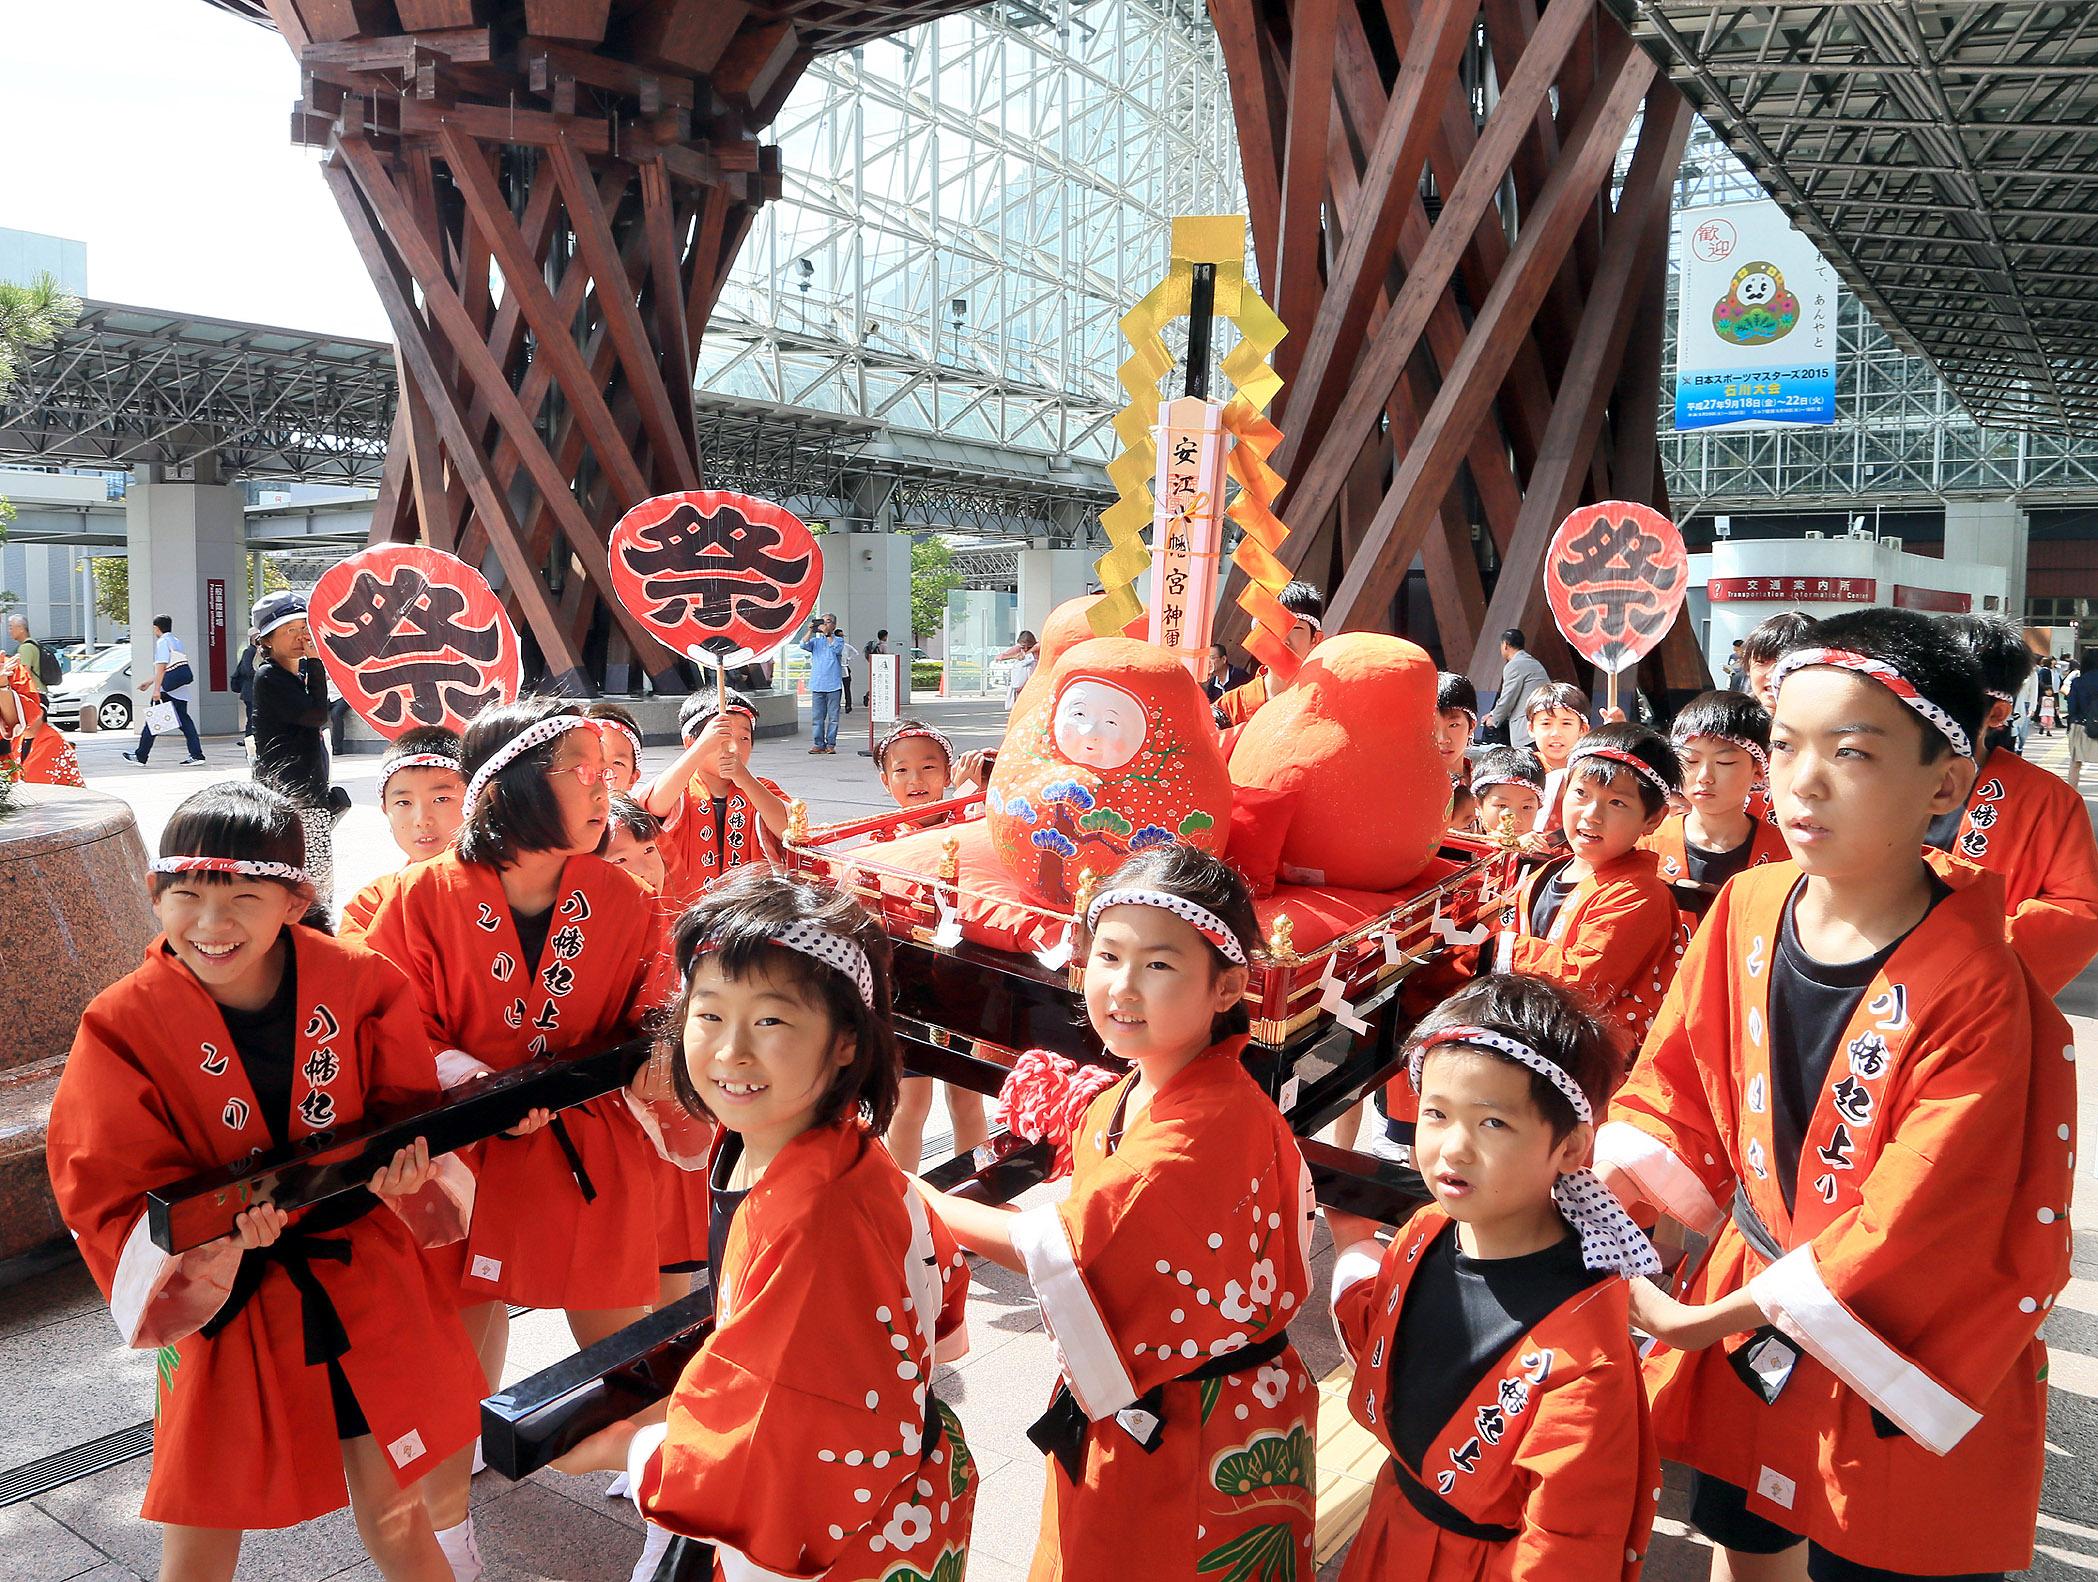 鼓門前で郷土玩具「加賀八幡起上り」を載せた神輿を元気よく担ぐ子どもたち=金沢駅